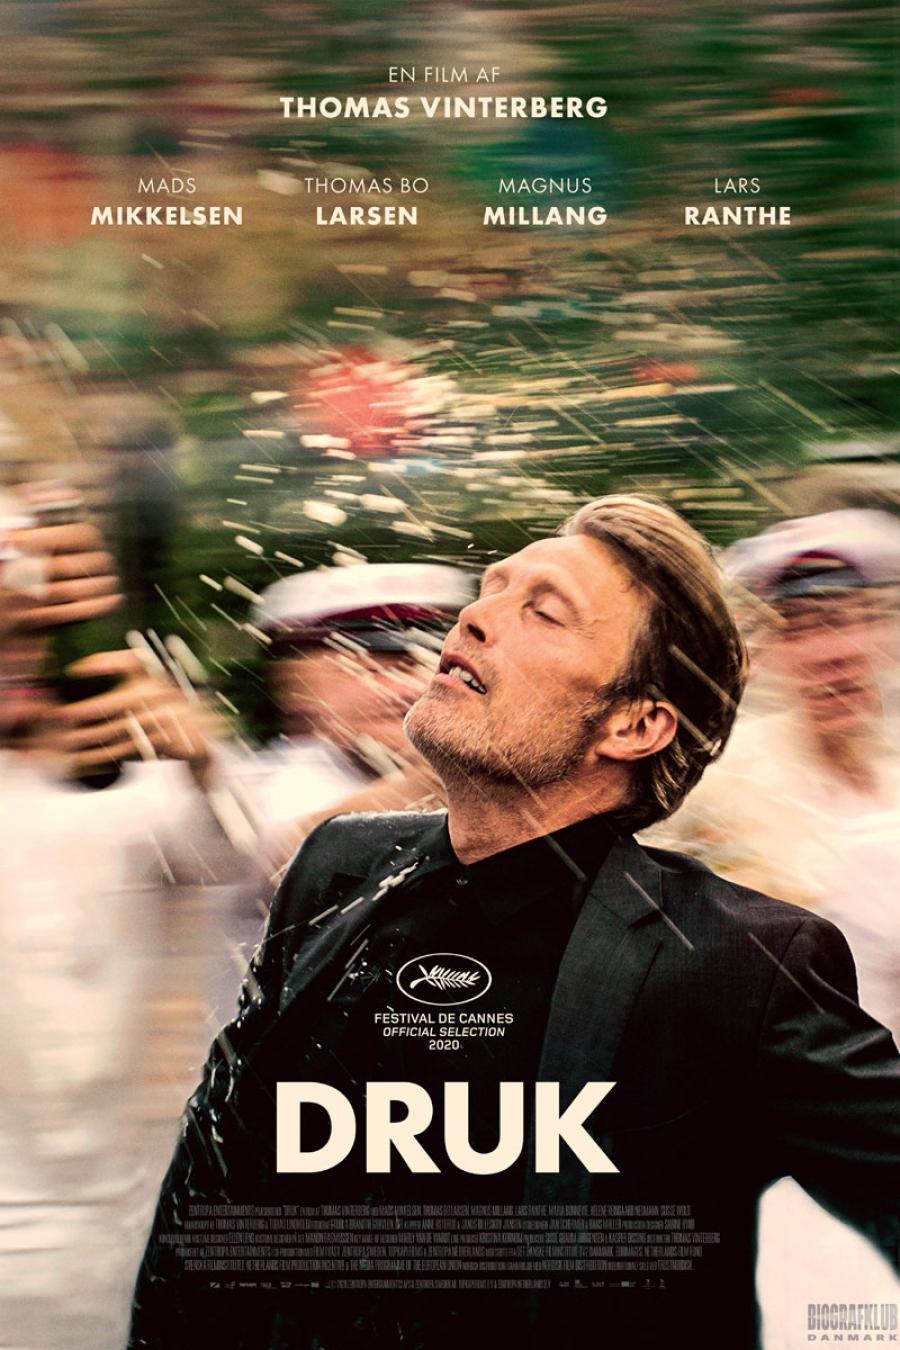 Still fra filmen 'Druk' med Mads Mikkelsen i forgrunden